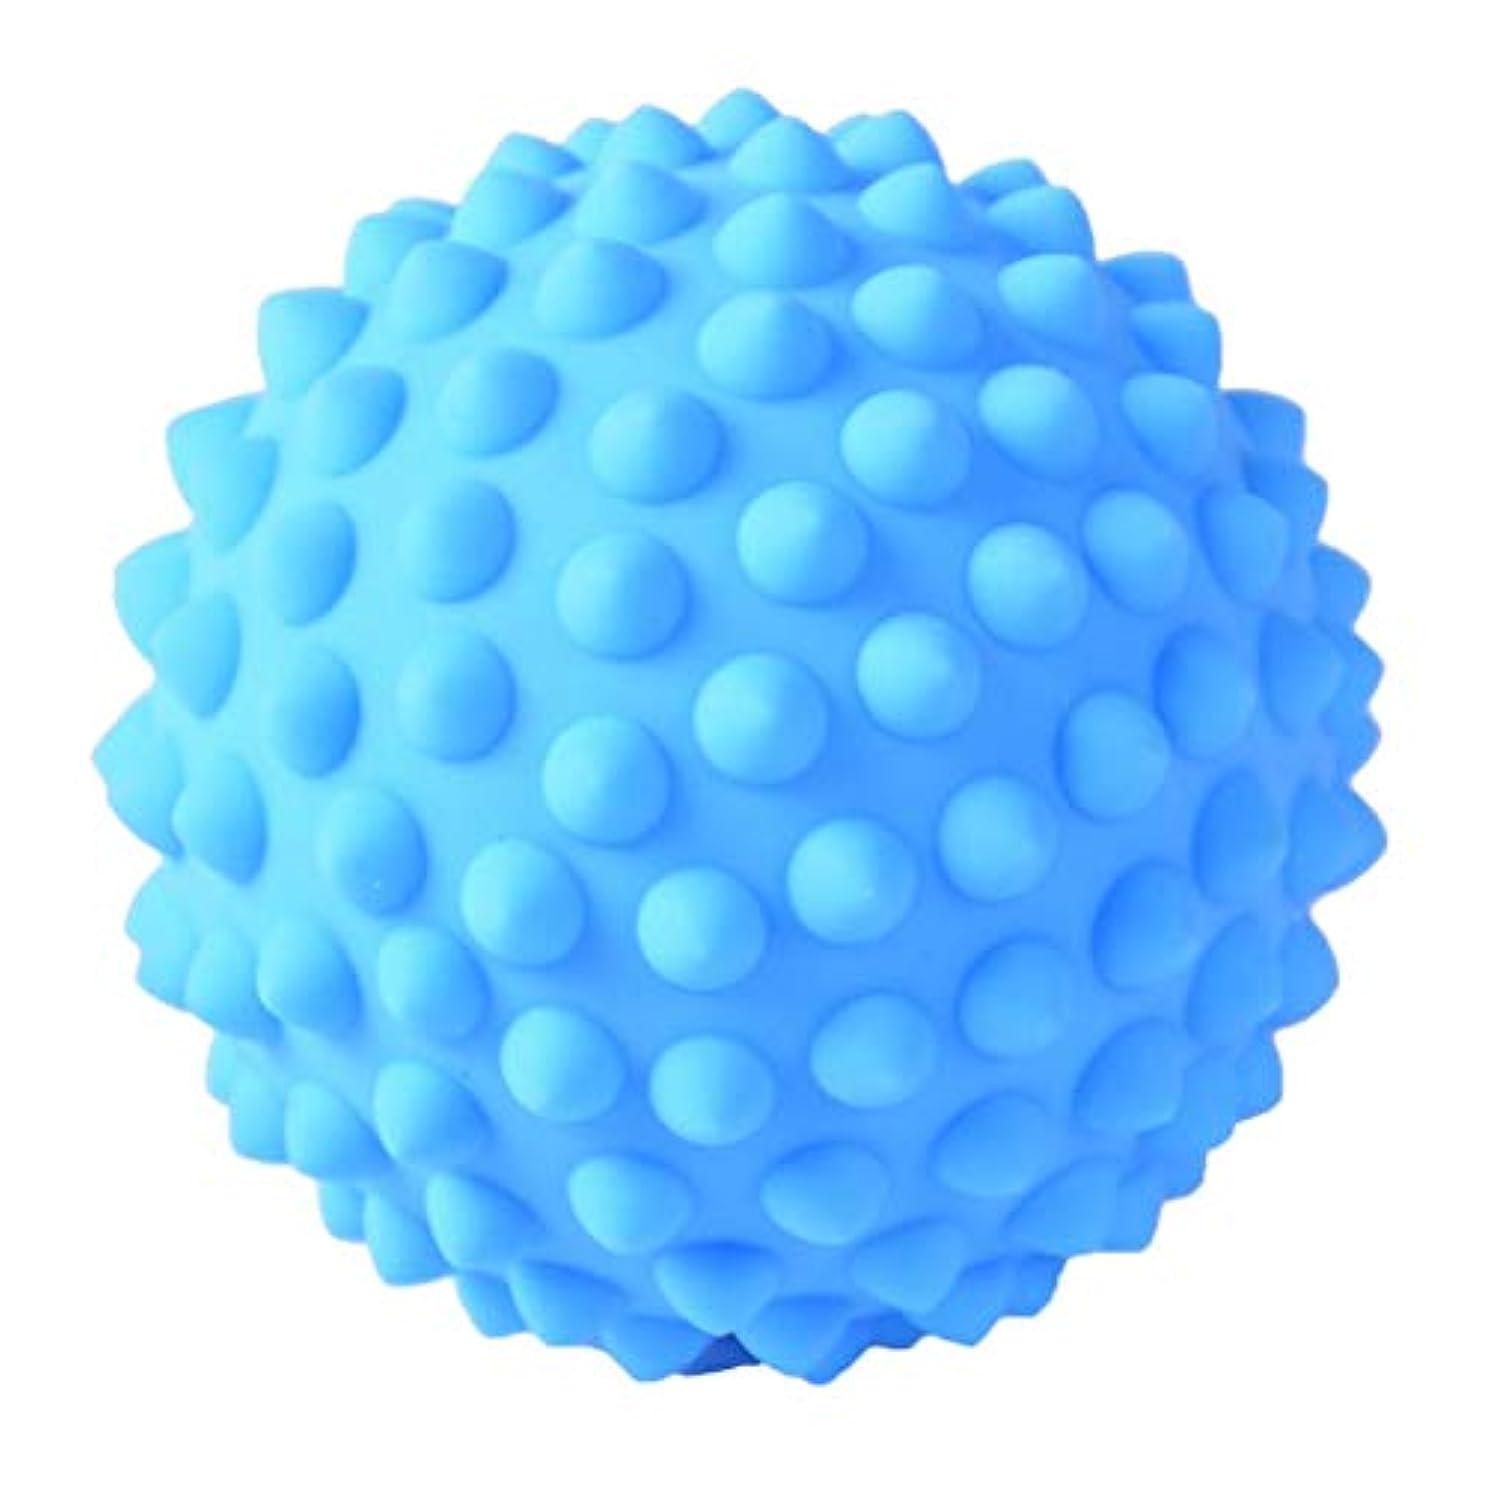 美徳分岐する成熟したマッサージボール PVC製 約9 cm 3色選べ - 青, 説明のとおり